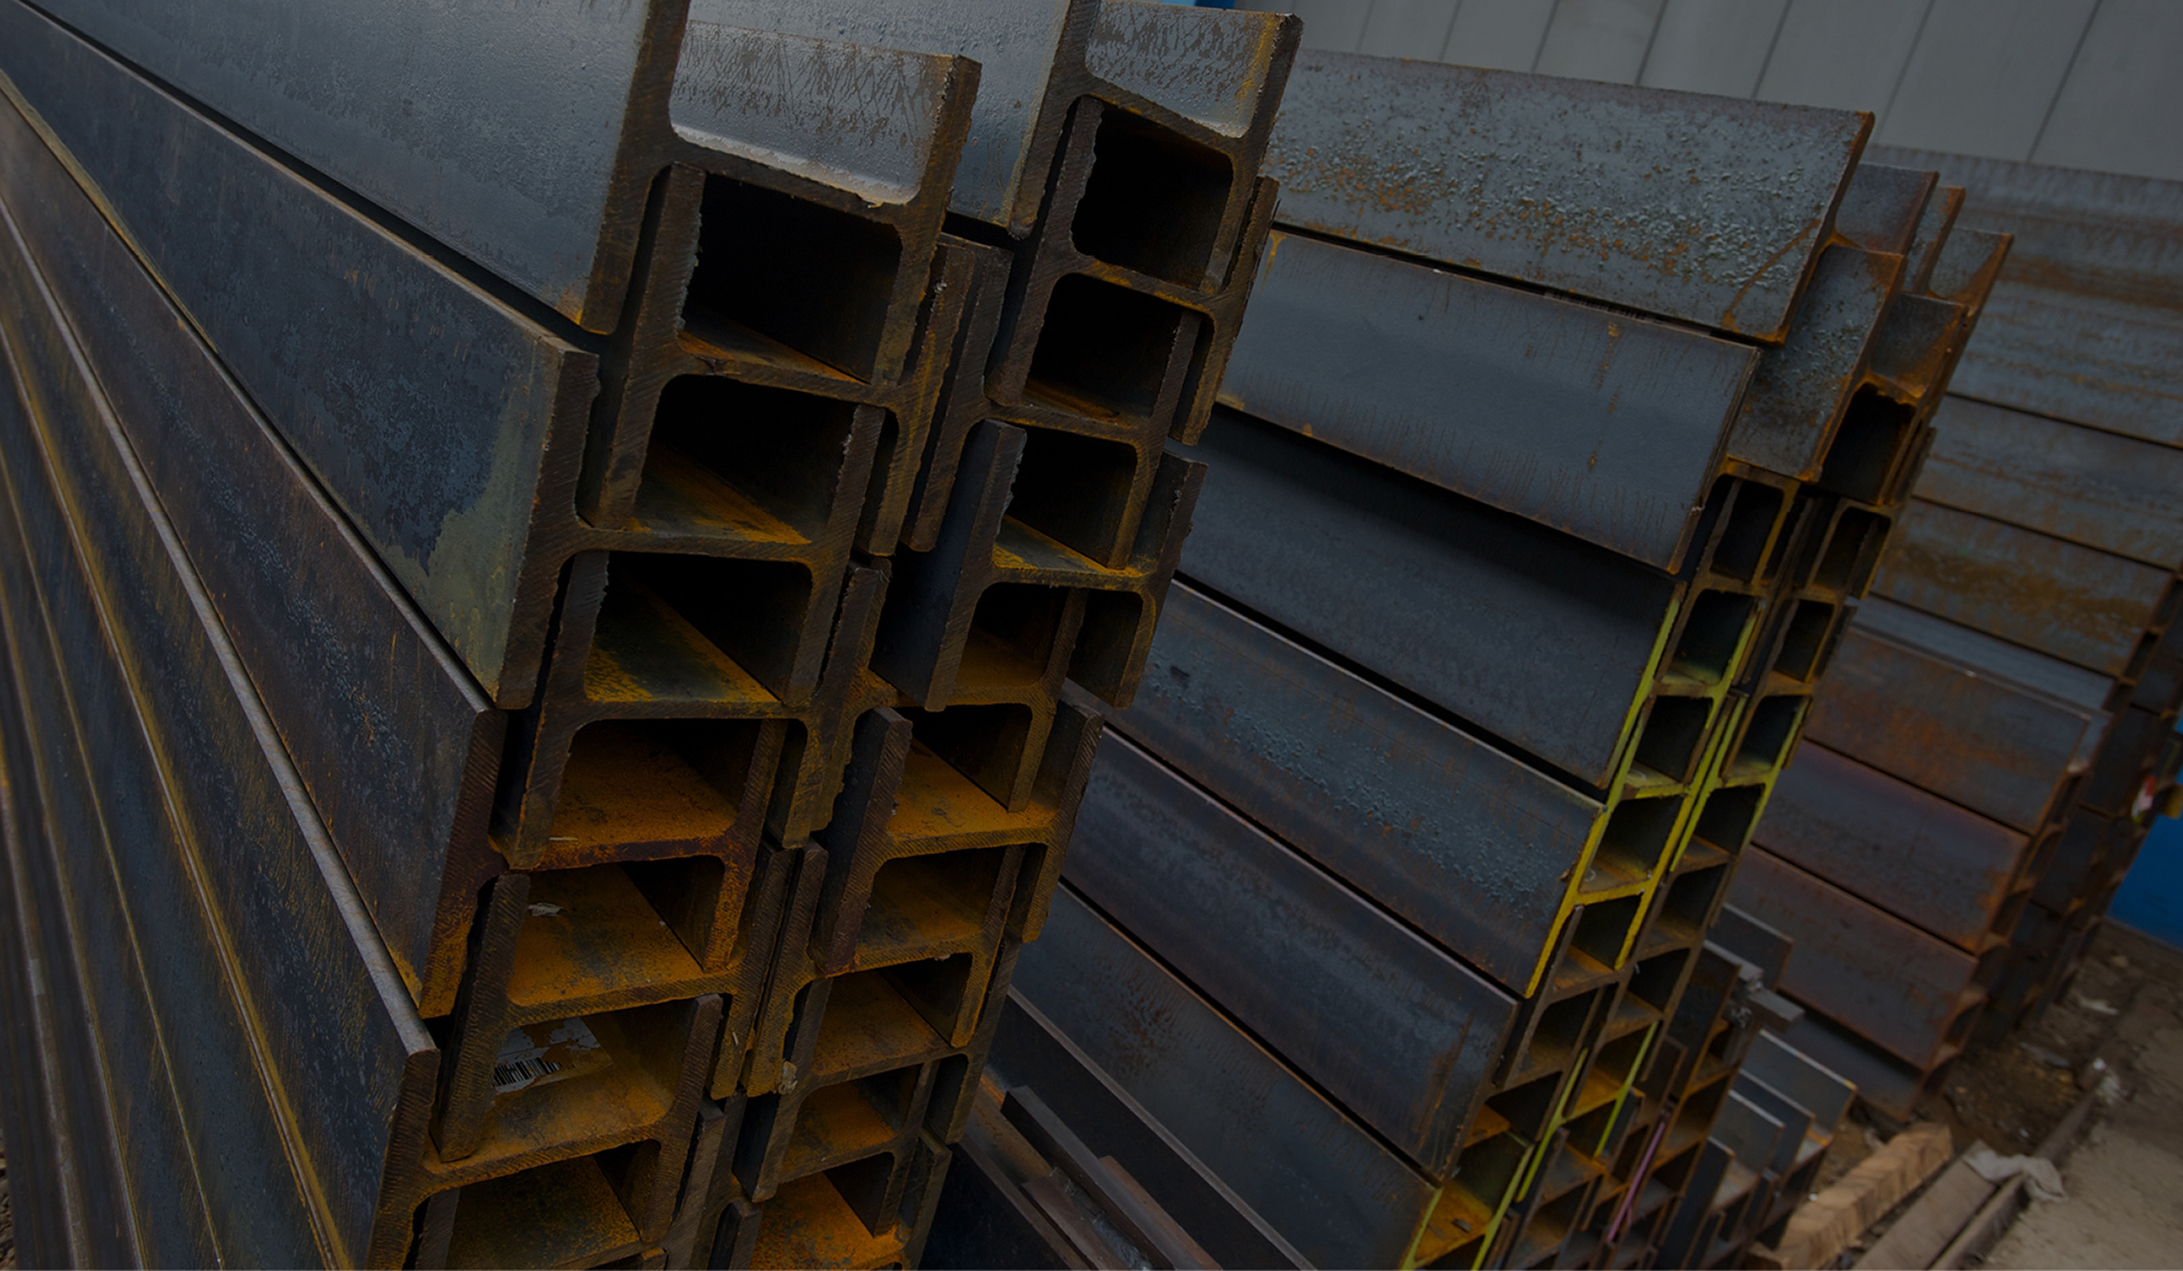 Contact, Steelport Maastricht, Zuid Nederlandse Buizen, Tata Steel Tubes, Tata Steel Feijen Service Centre, Tata Steel Multisteel Service Centre, Maasstaal, Laura Metaal, SteelSolutions, Vogten Staal. Decoilen, rol- en plaatbeitsen, slitten, knippen, snijden, buisfabricage, opslag, transport